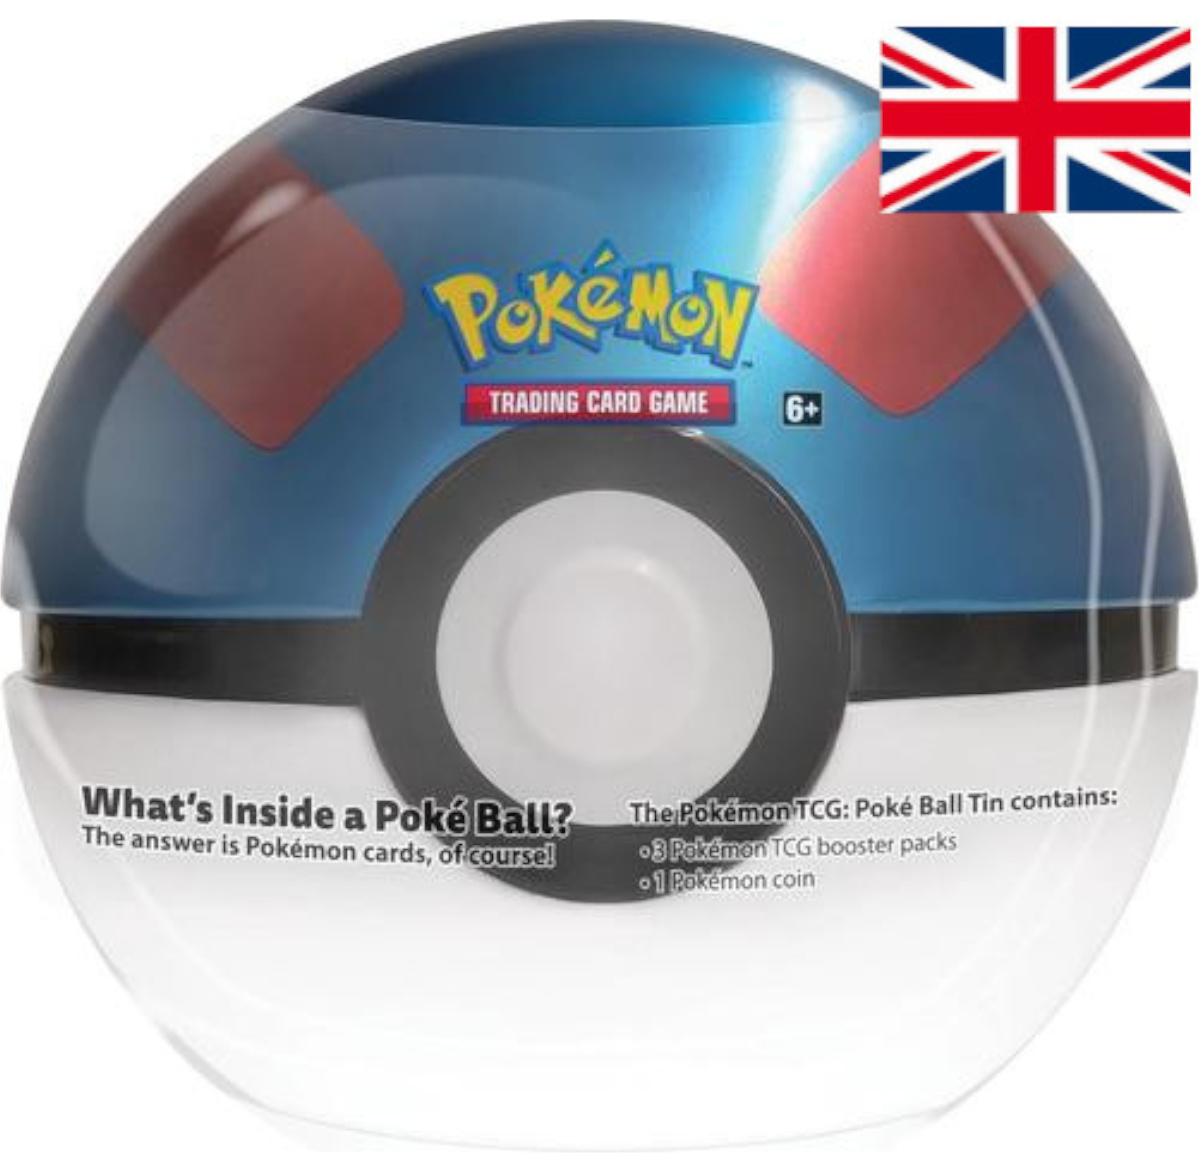 Pokémon - March 2021 POKÉBALL TIN - Great Ball